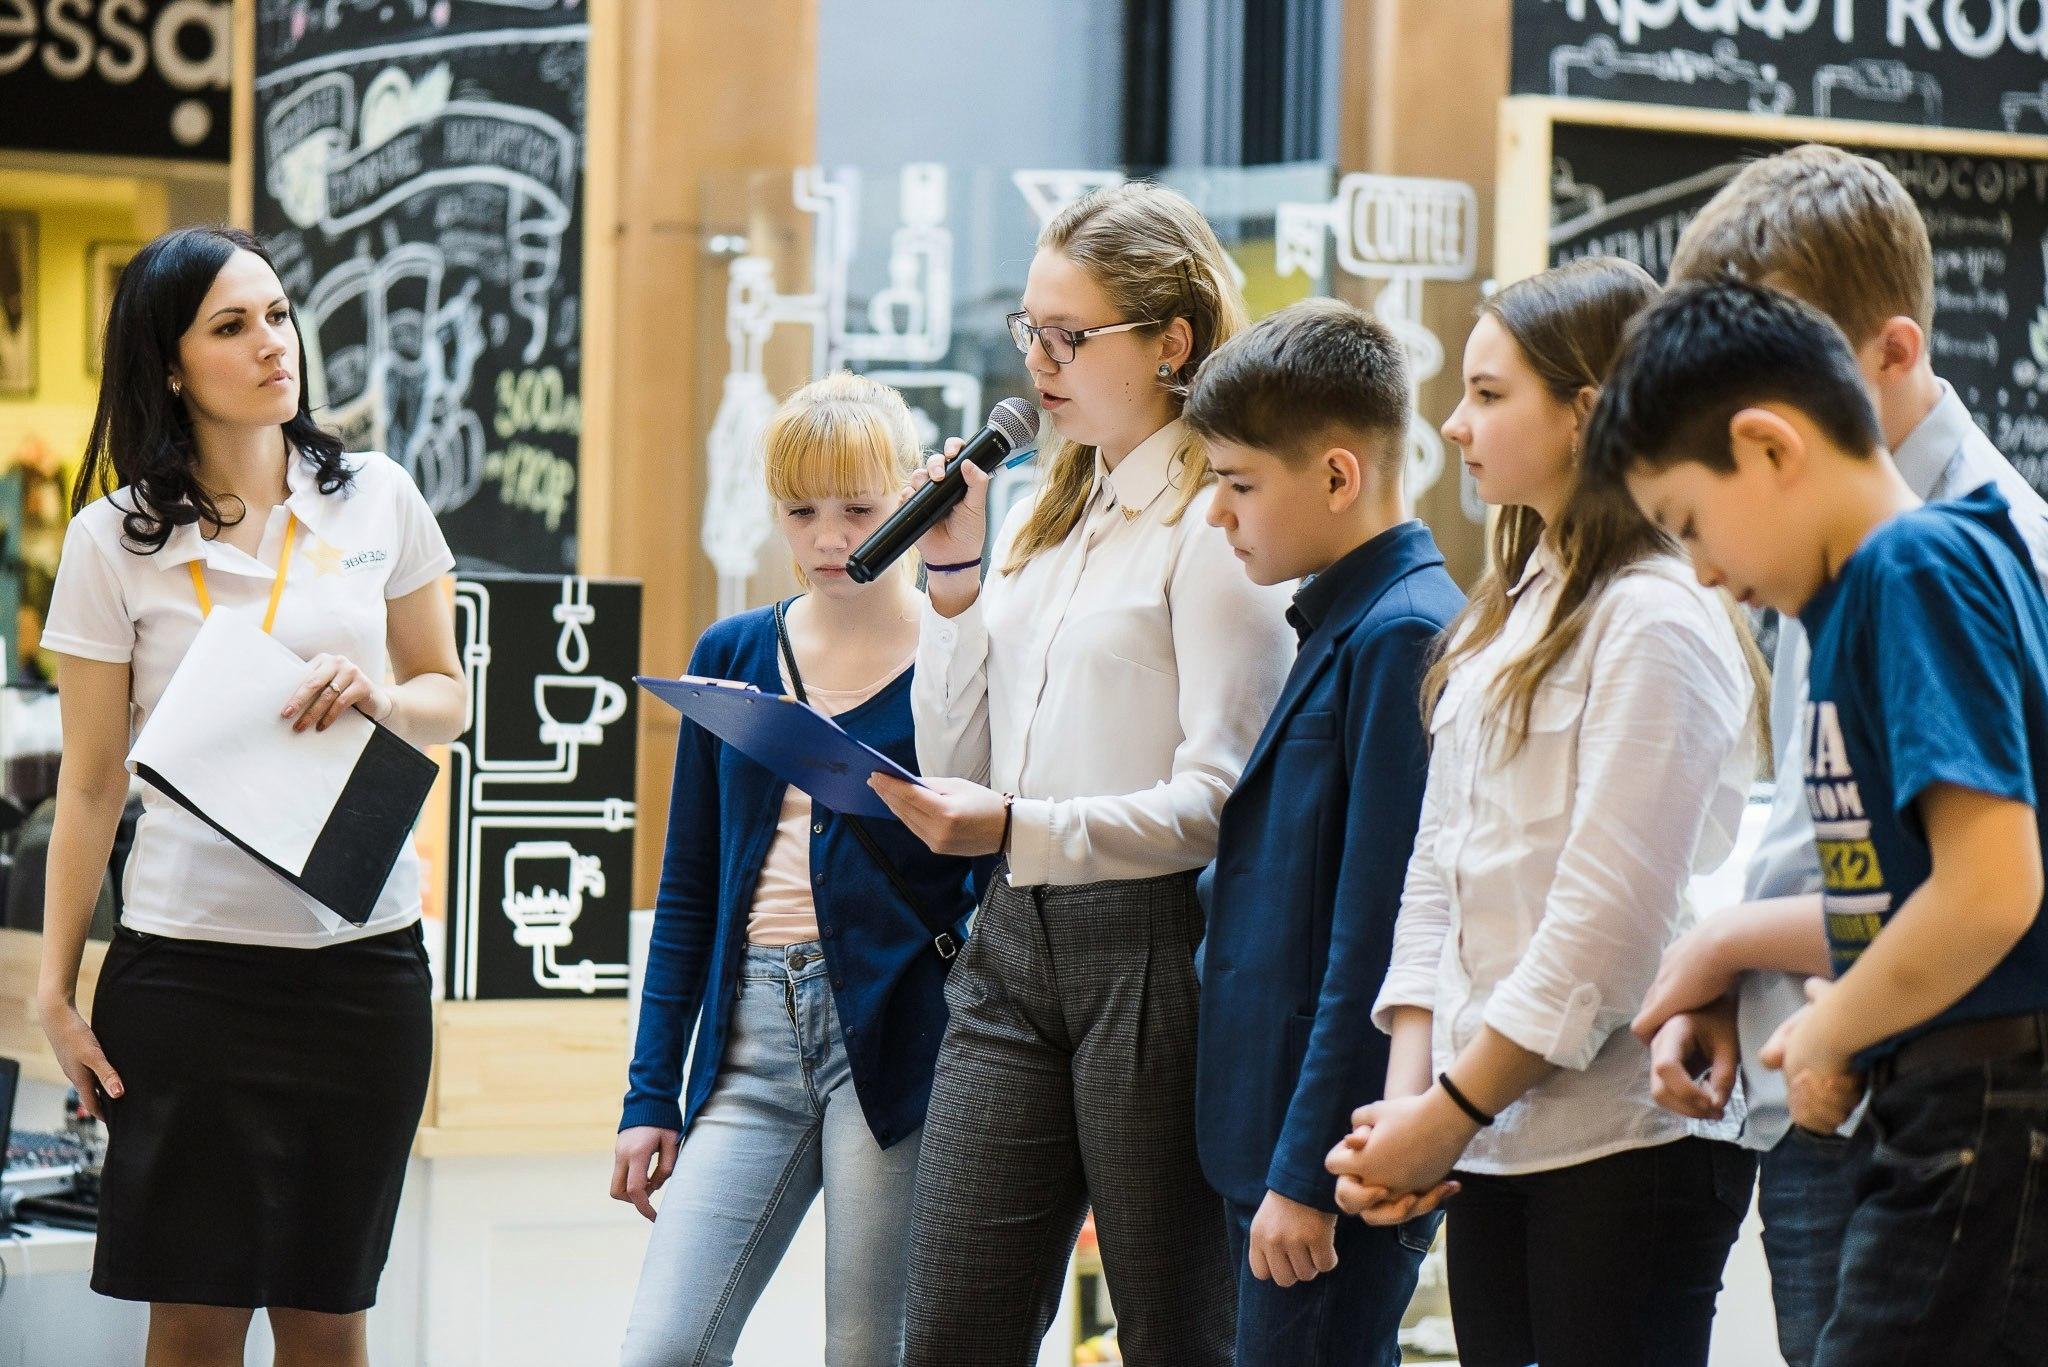 Изображение - 8 идей бизнеса направленного на детскую аудиторию h25ksh1-ly3mtf.optimize